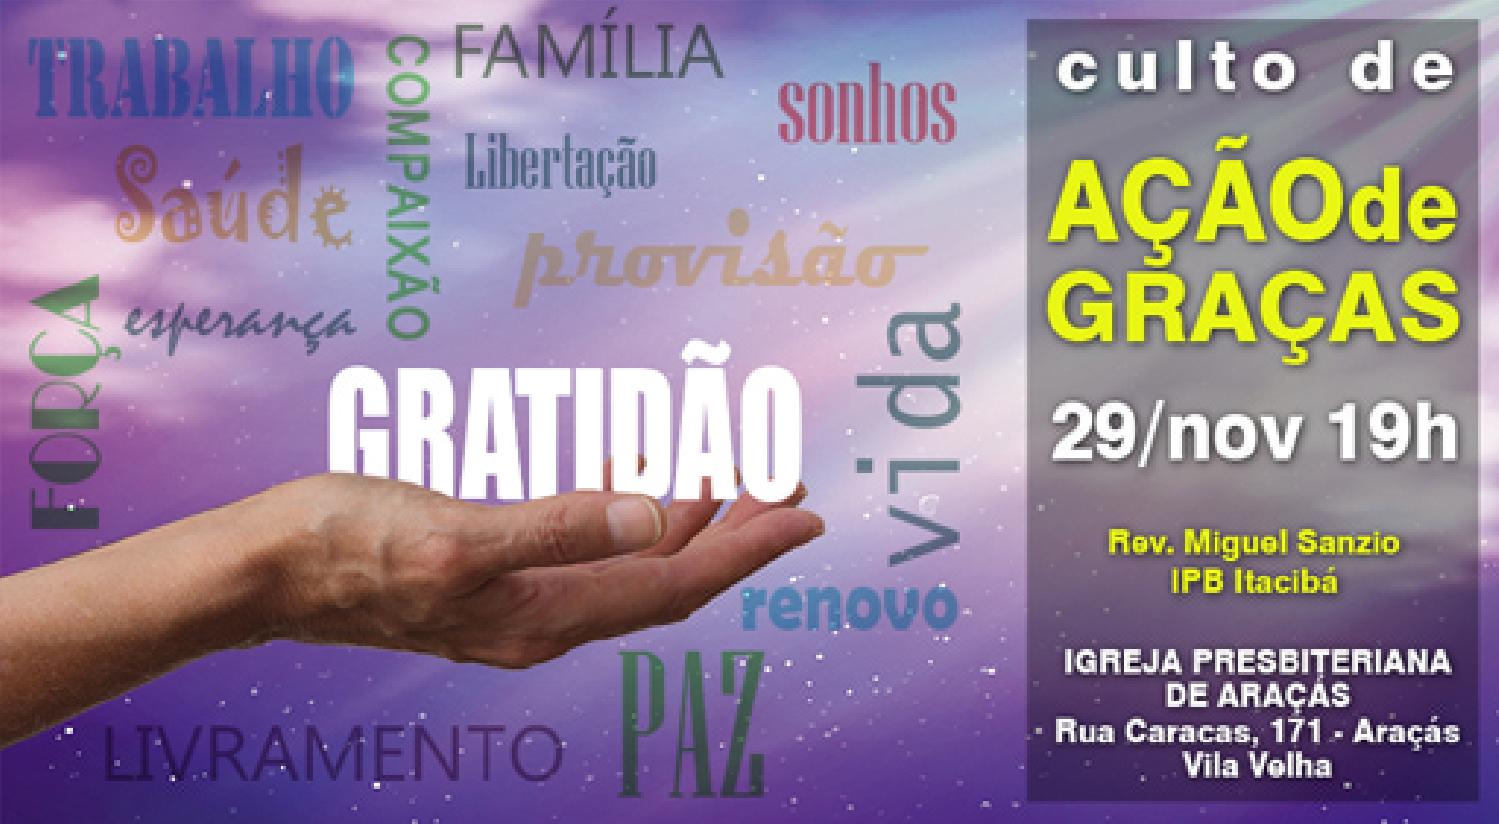 Convite Culto De Ação De Graças By Igreja Presbiteriana De